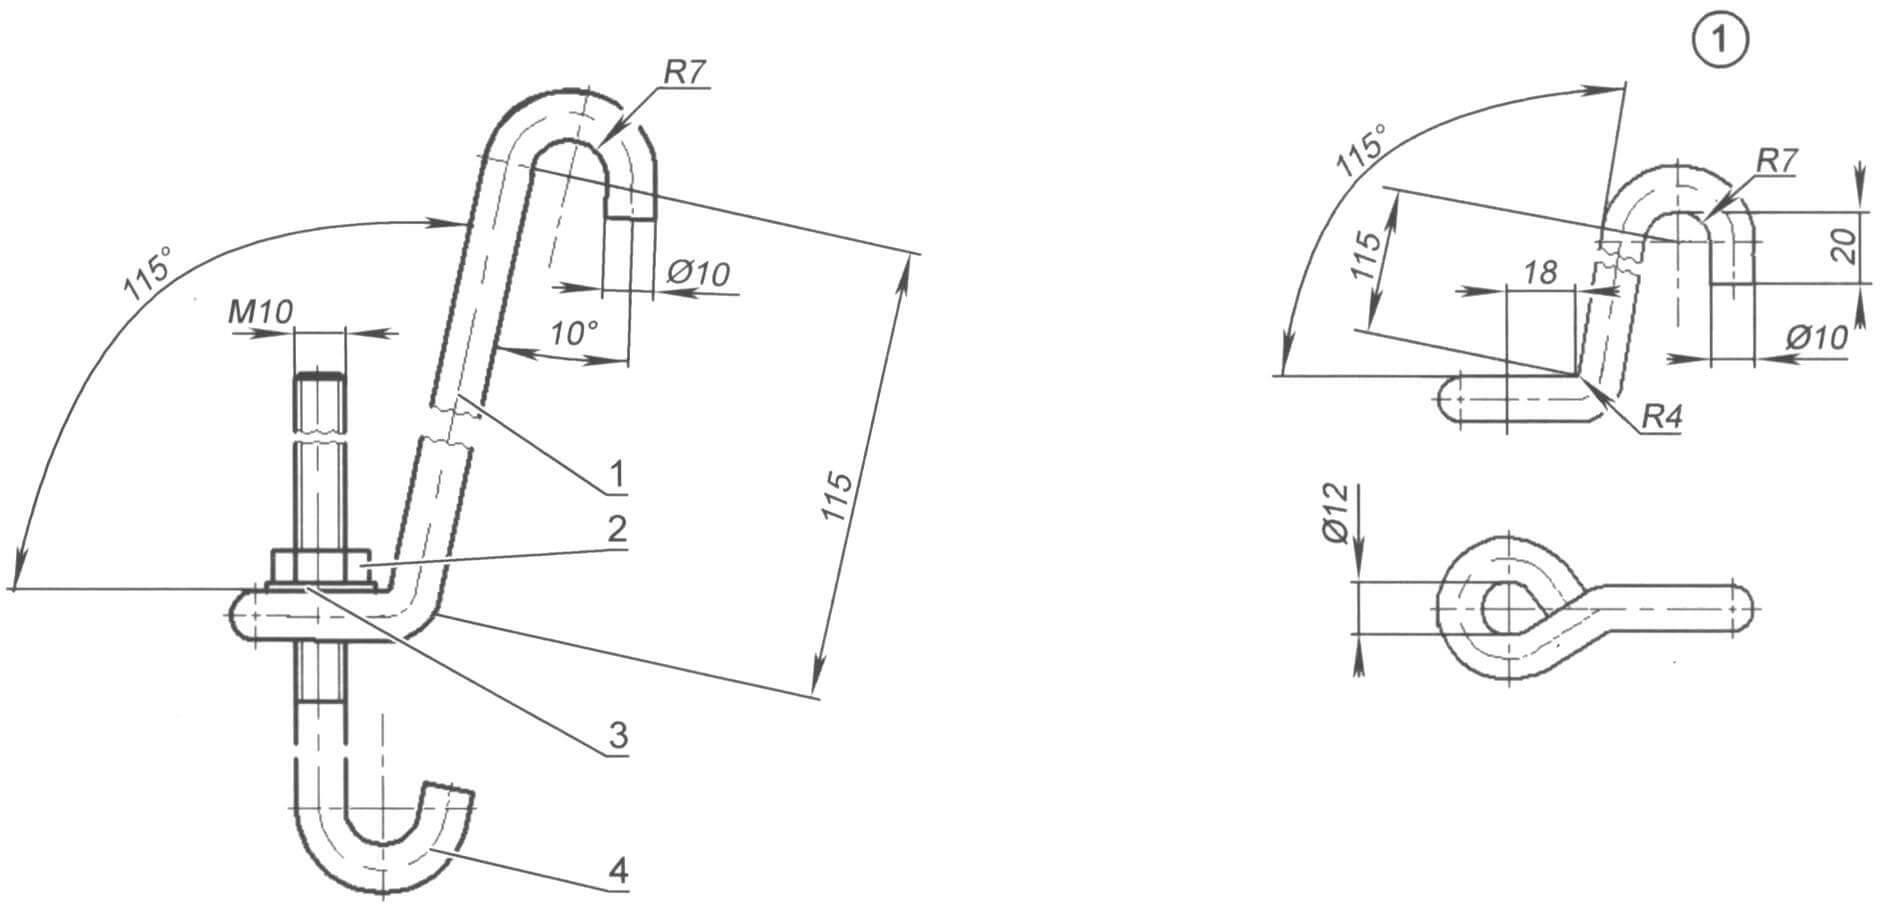 Фото 16. Приспособление № 1 для сжатия пружины подвески в работе Фото 1а. Соединение крючков перед их использованием для сжатия пружины Рис. 1. Приспособление (№ 1) для сжатия пружины передней подвески в сборе (в комплекте 3 единицы)